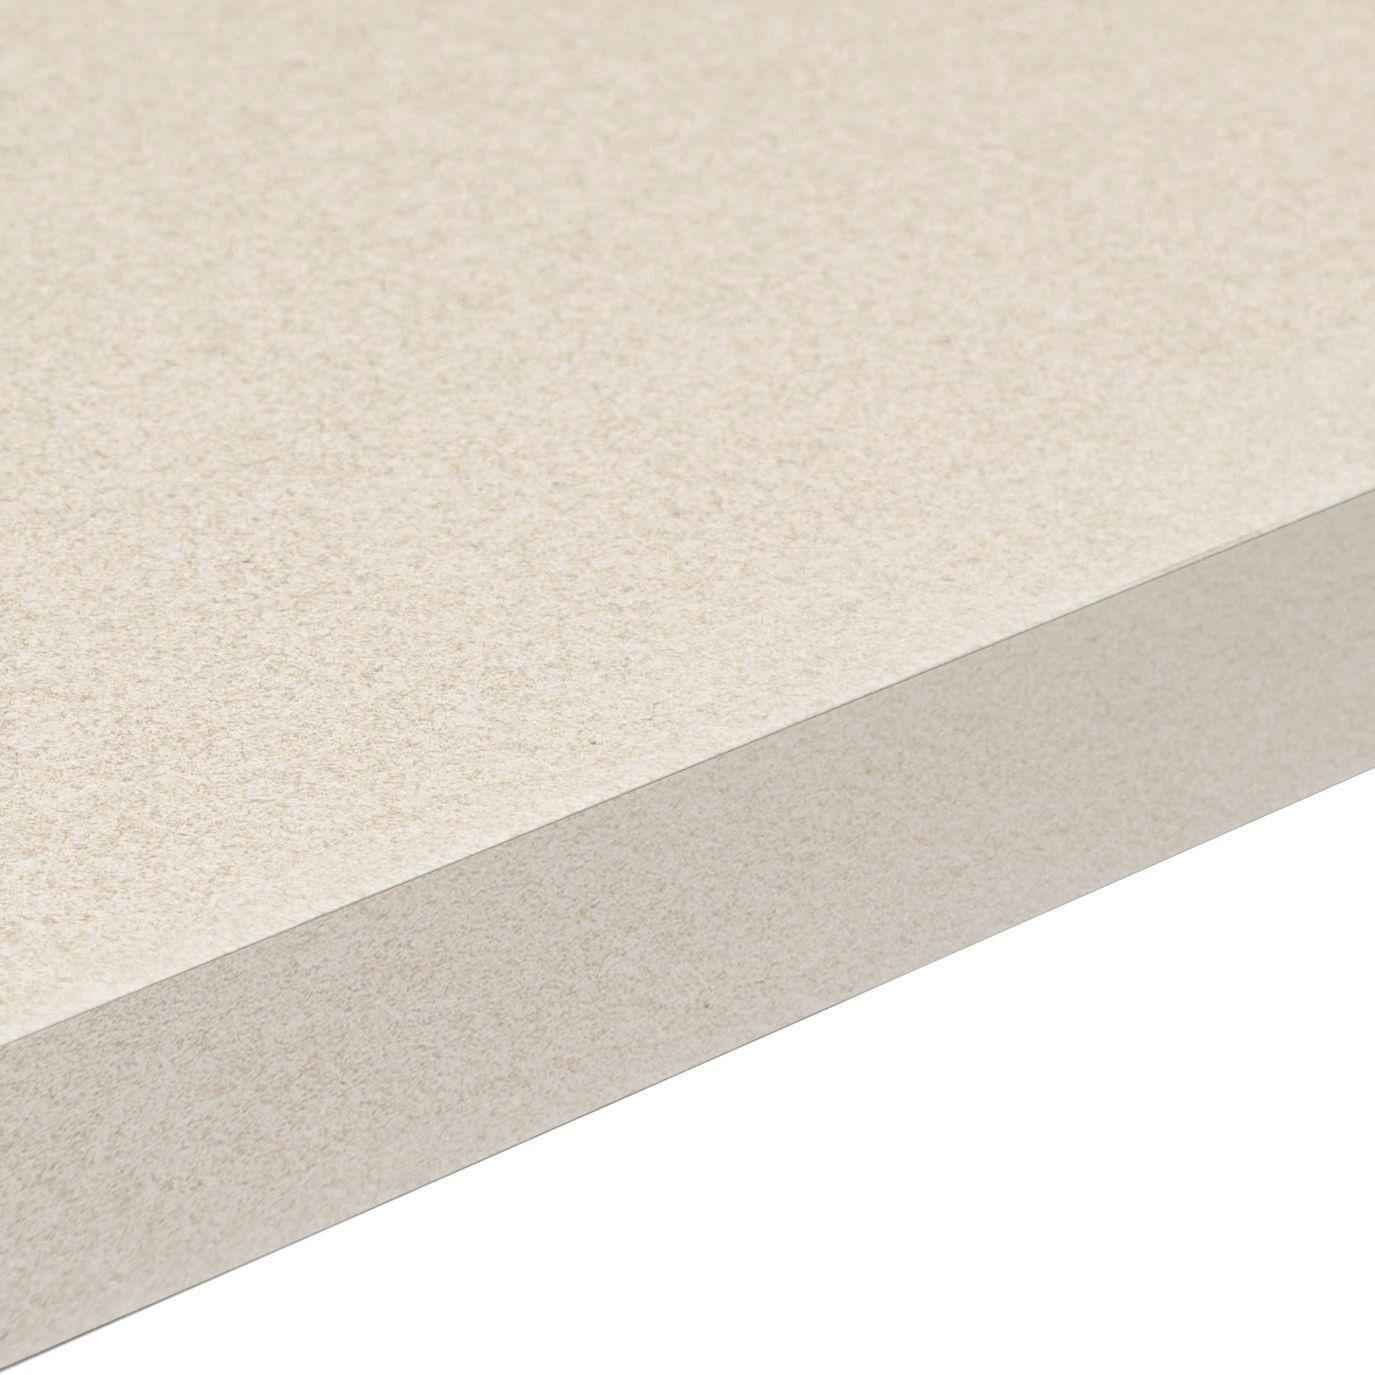 38mm Aura White Laminate Gloss Granite Effect Square Edge